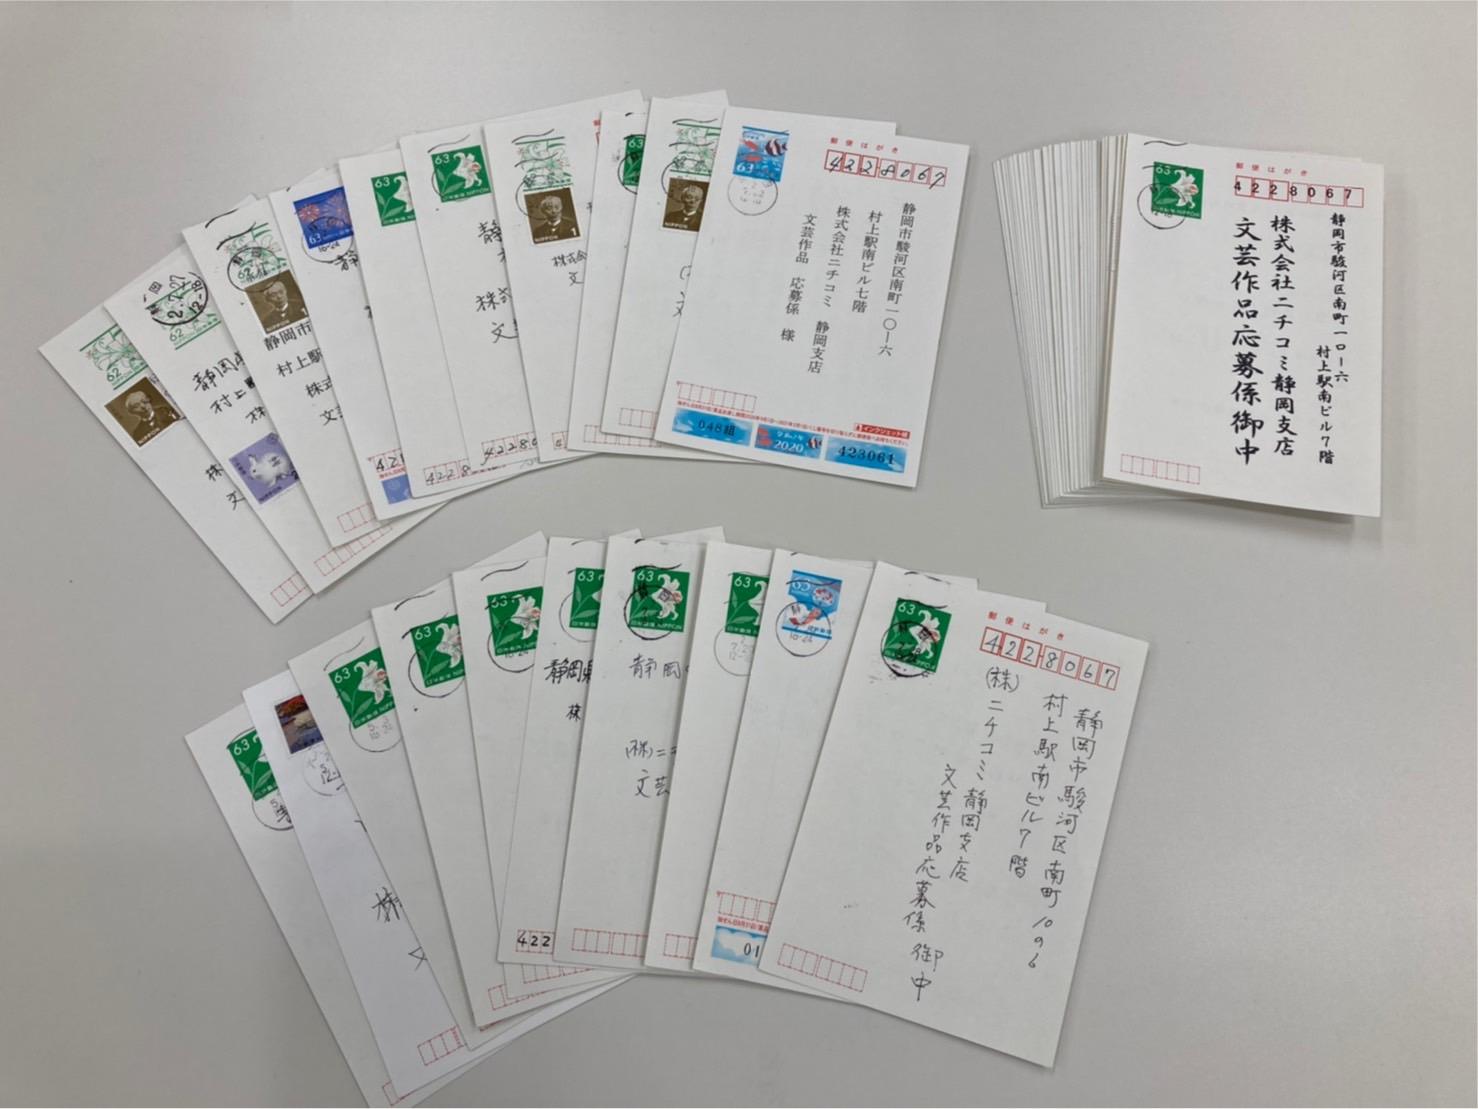 記事 『 第1回 ニチコミ大賞 川柳!!腕自慢!!』の募集終了致しました。のアイキャッチ画像